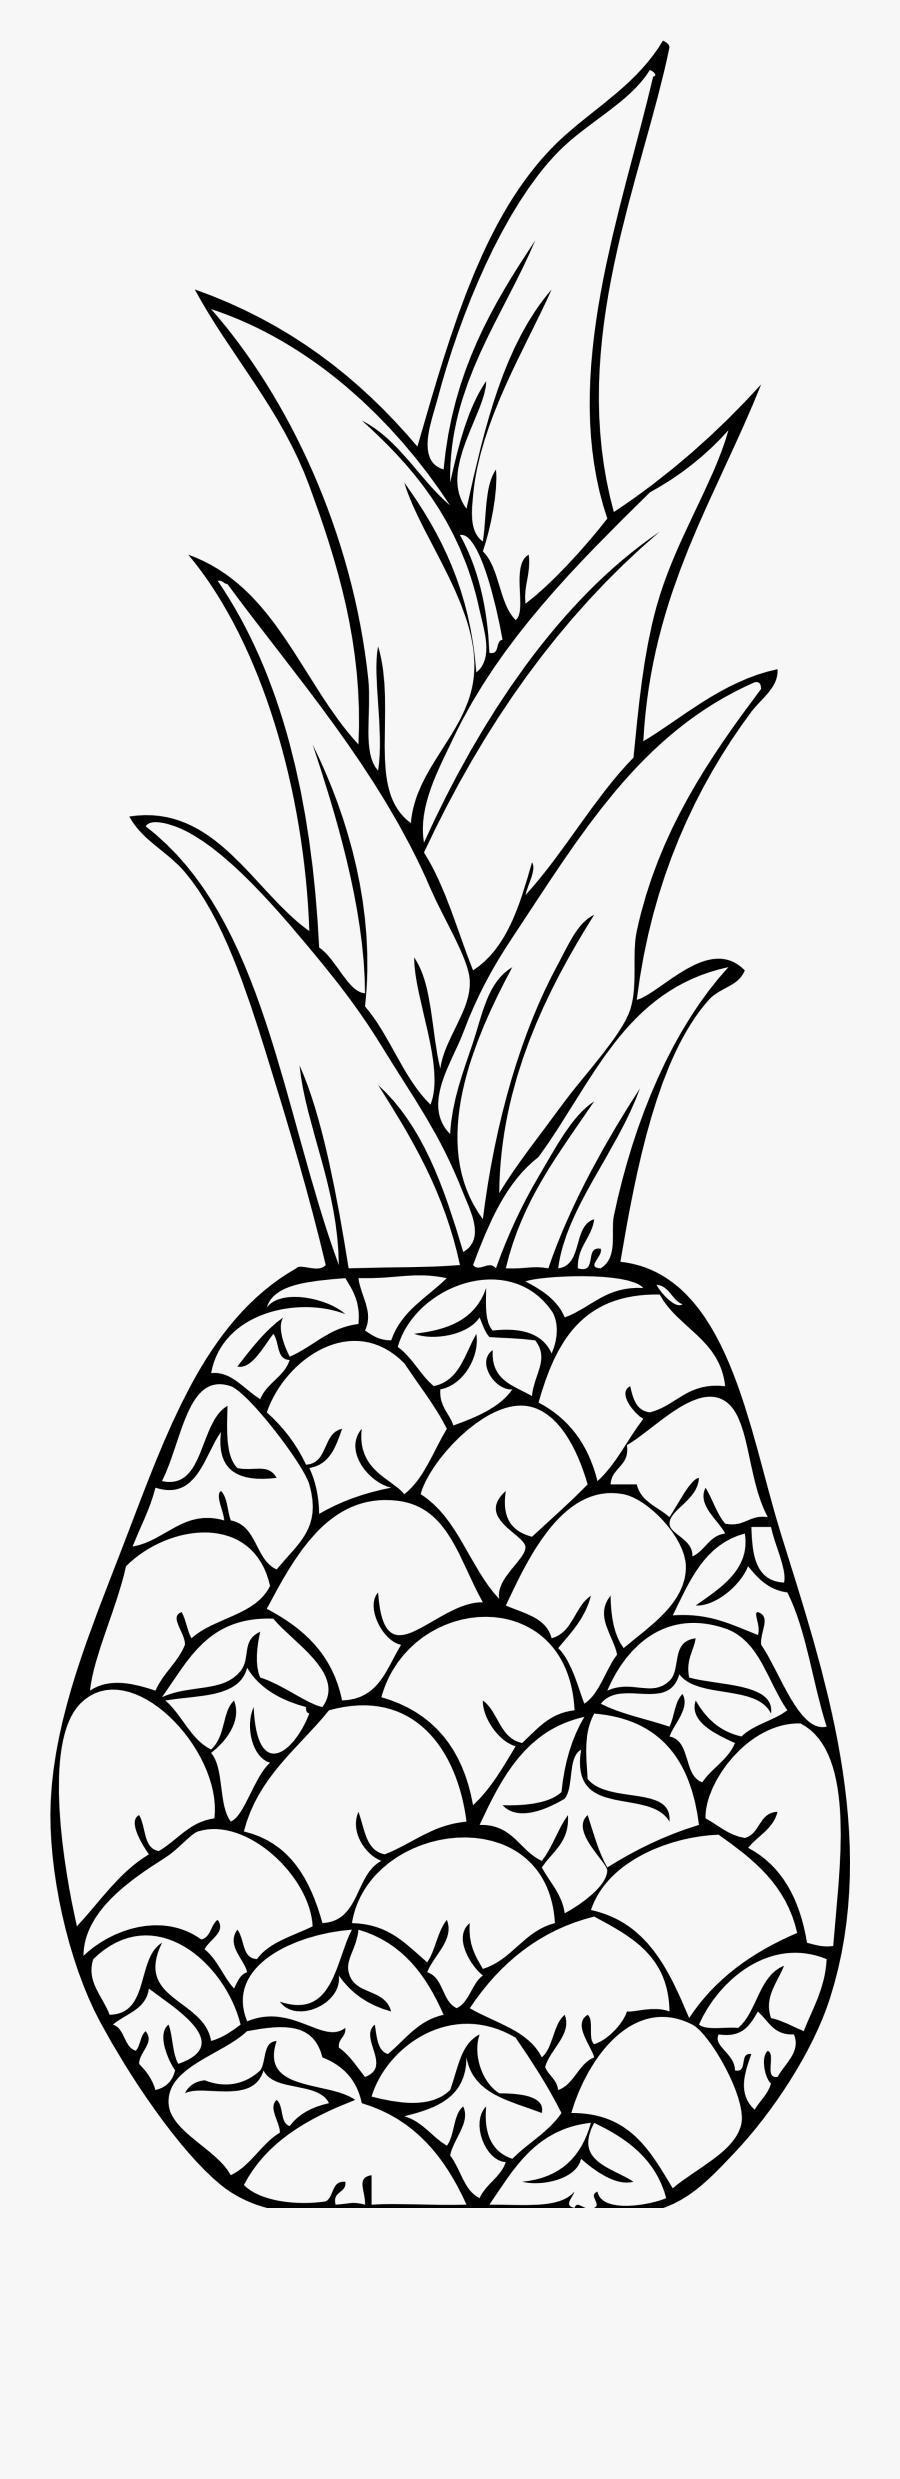 Pineapple Clip Art Fourcoloringpages - Pineapple Clip Art, Transparent Clipart